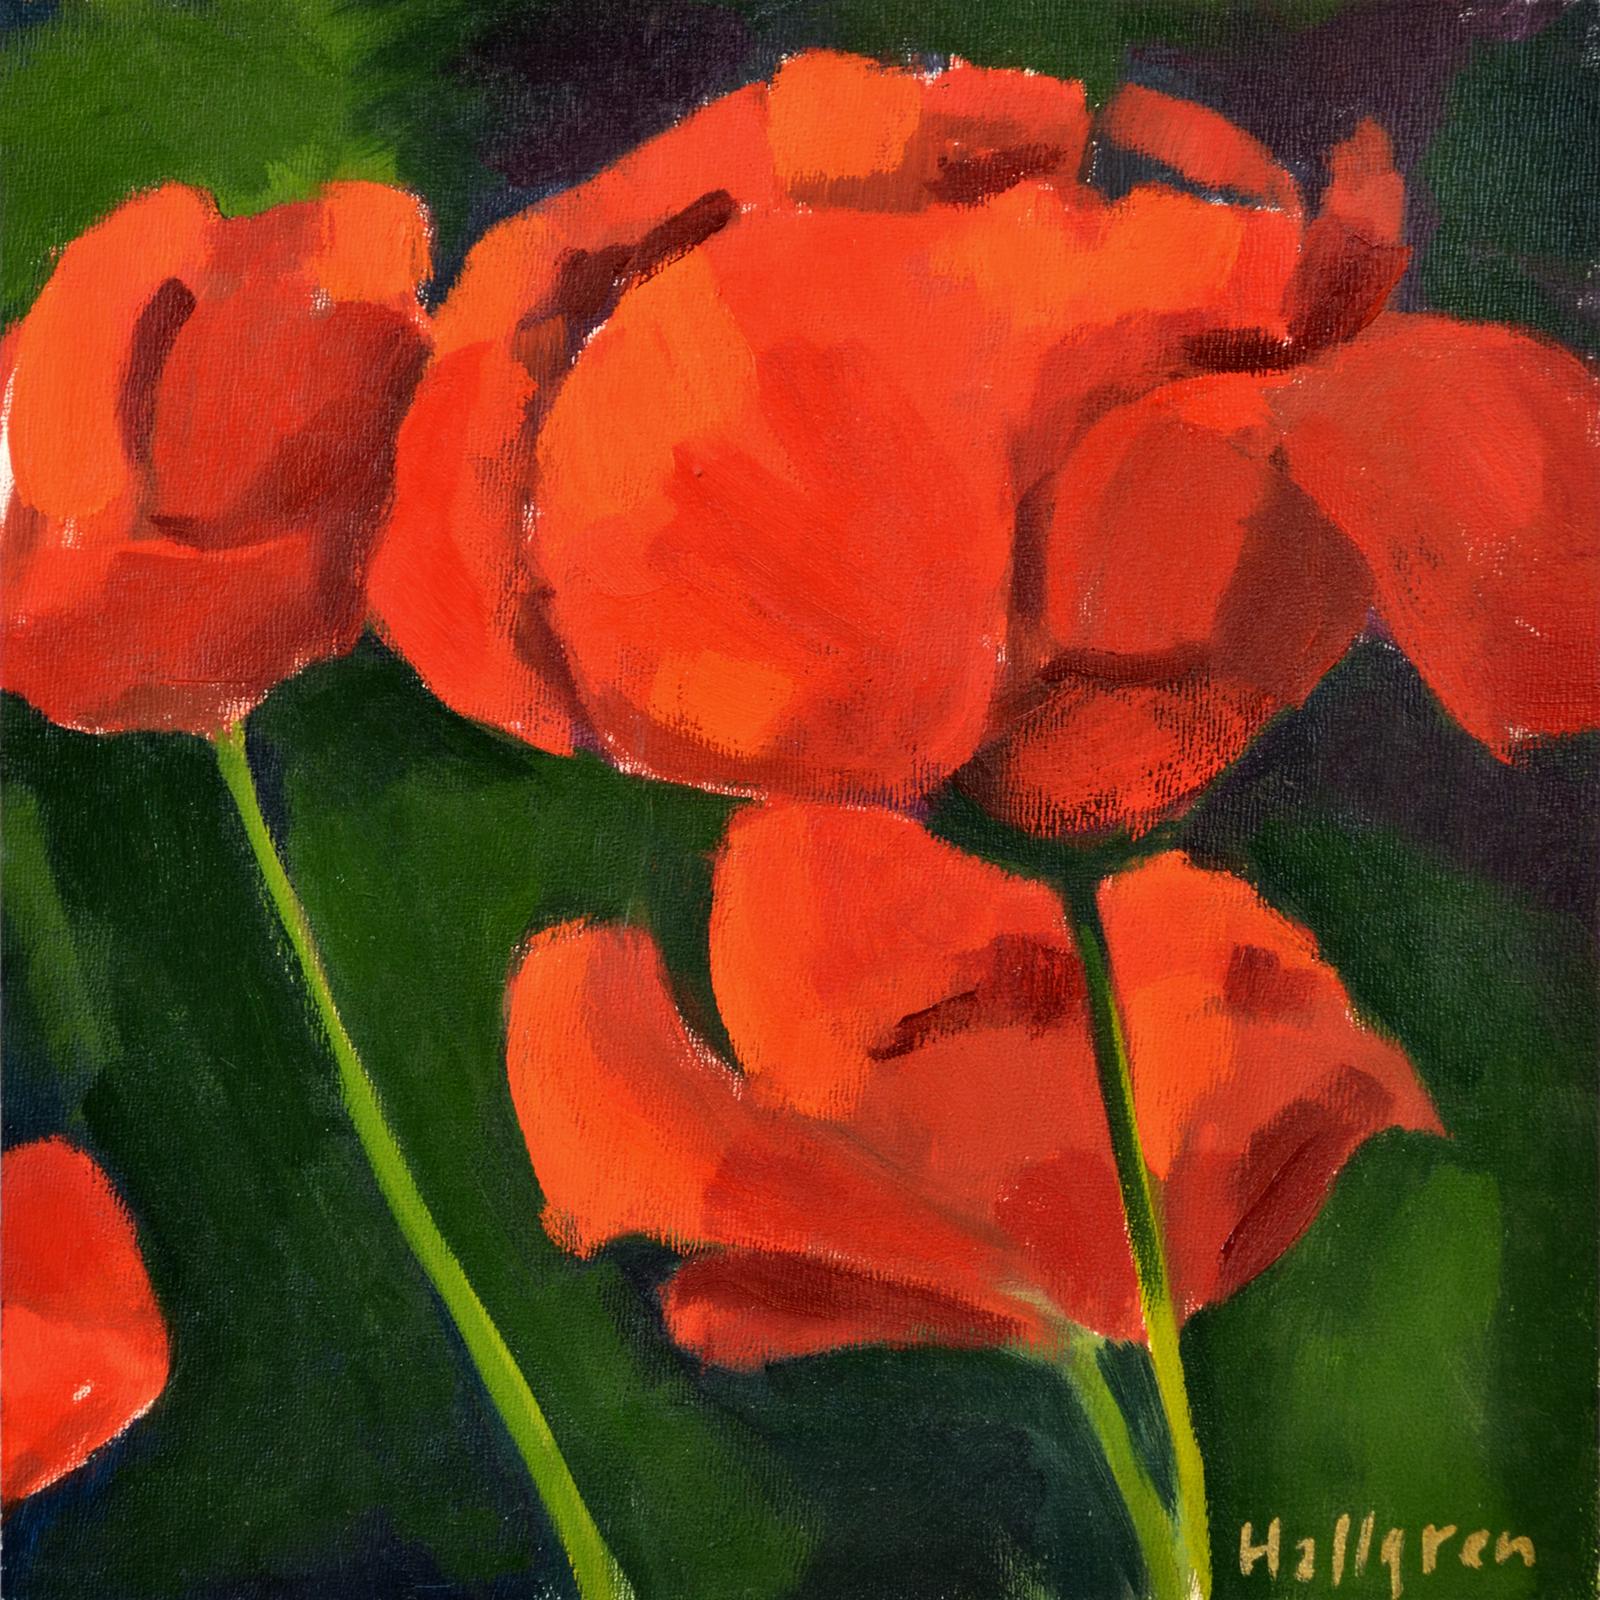 Hallgren minibmf poppy 8x8 200dpi b7lseo